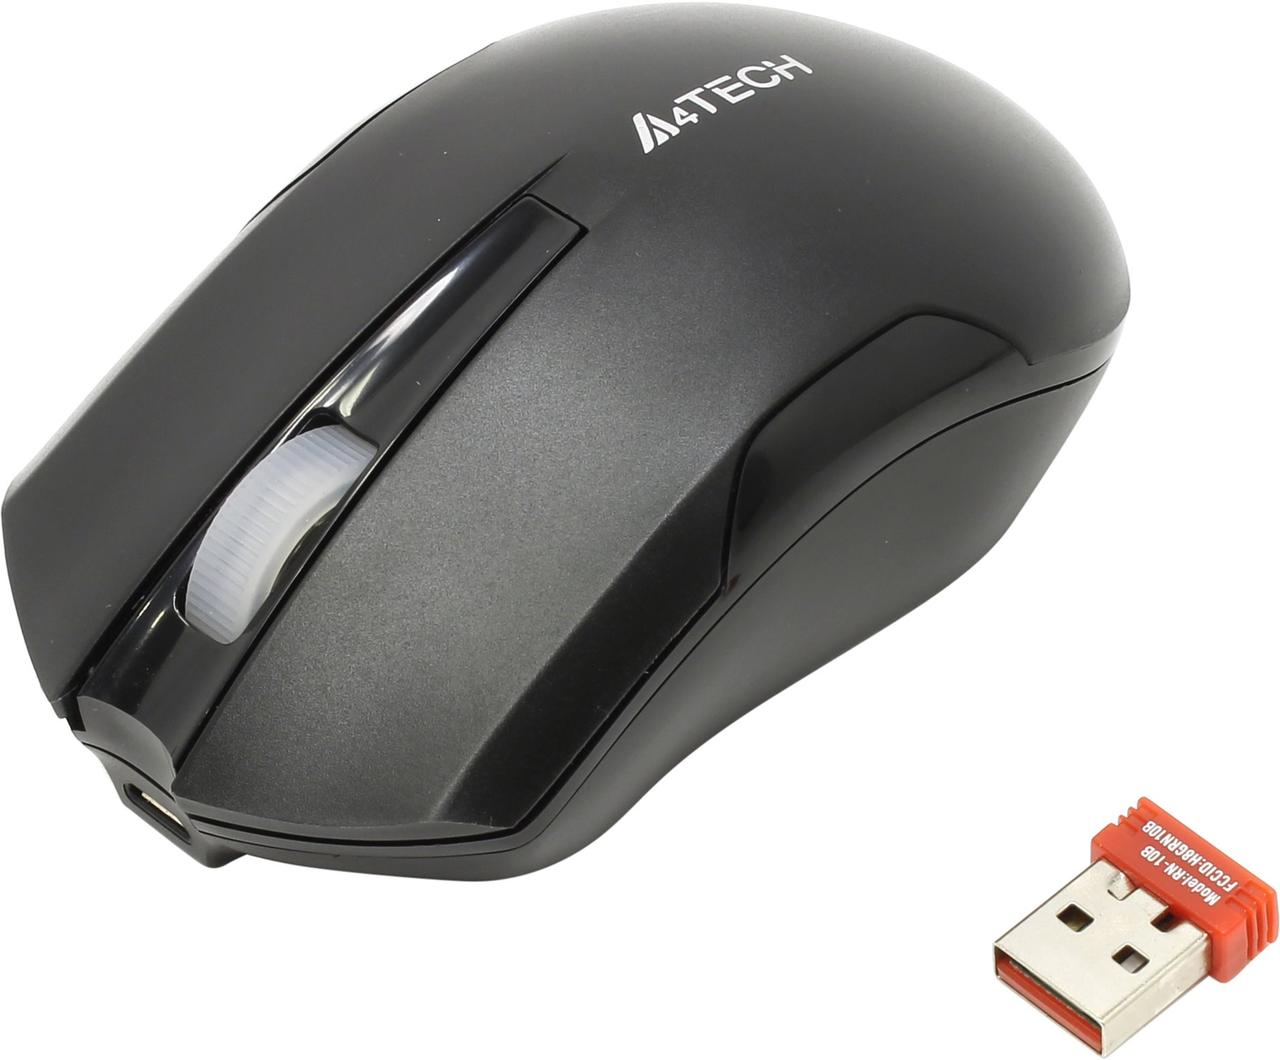 Мышь беспроводная A4tech G11-200N BLACK Оптическая 2,4G USB 2000 dpi